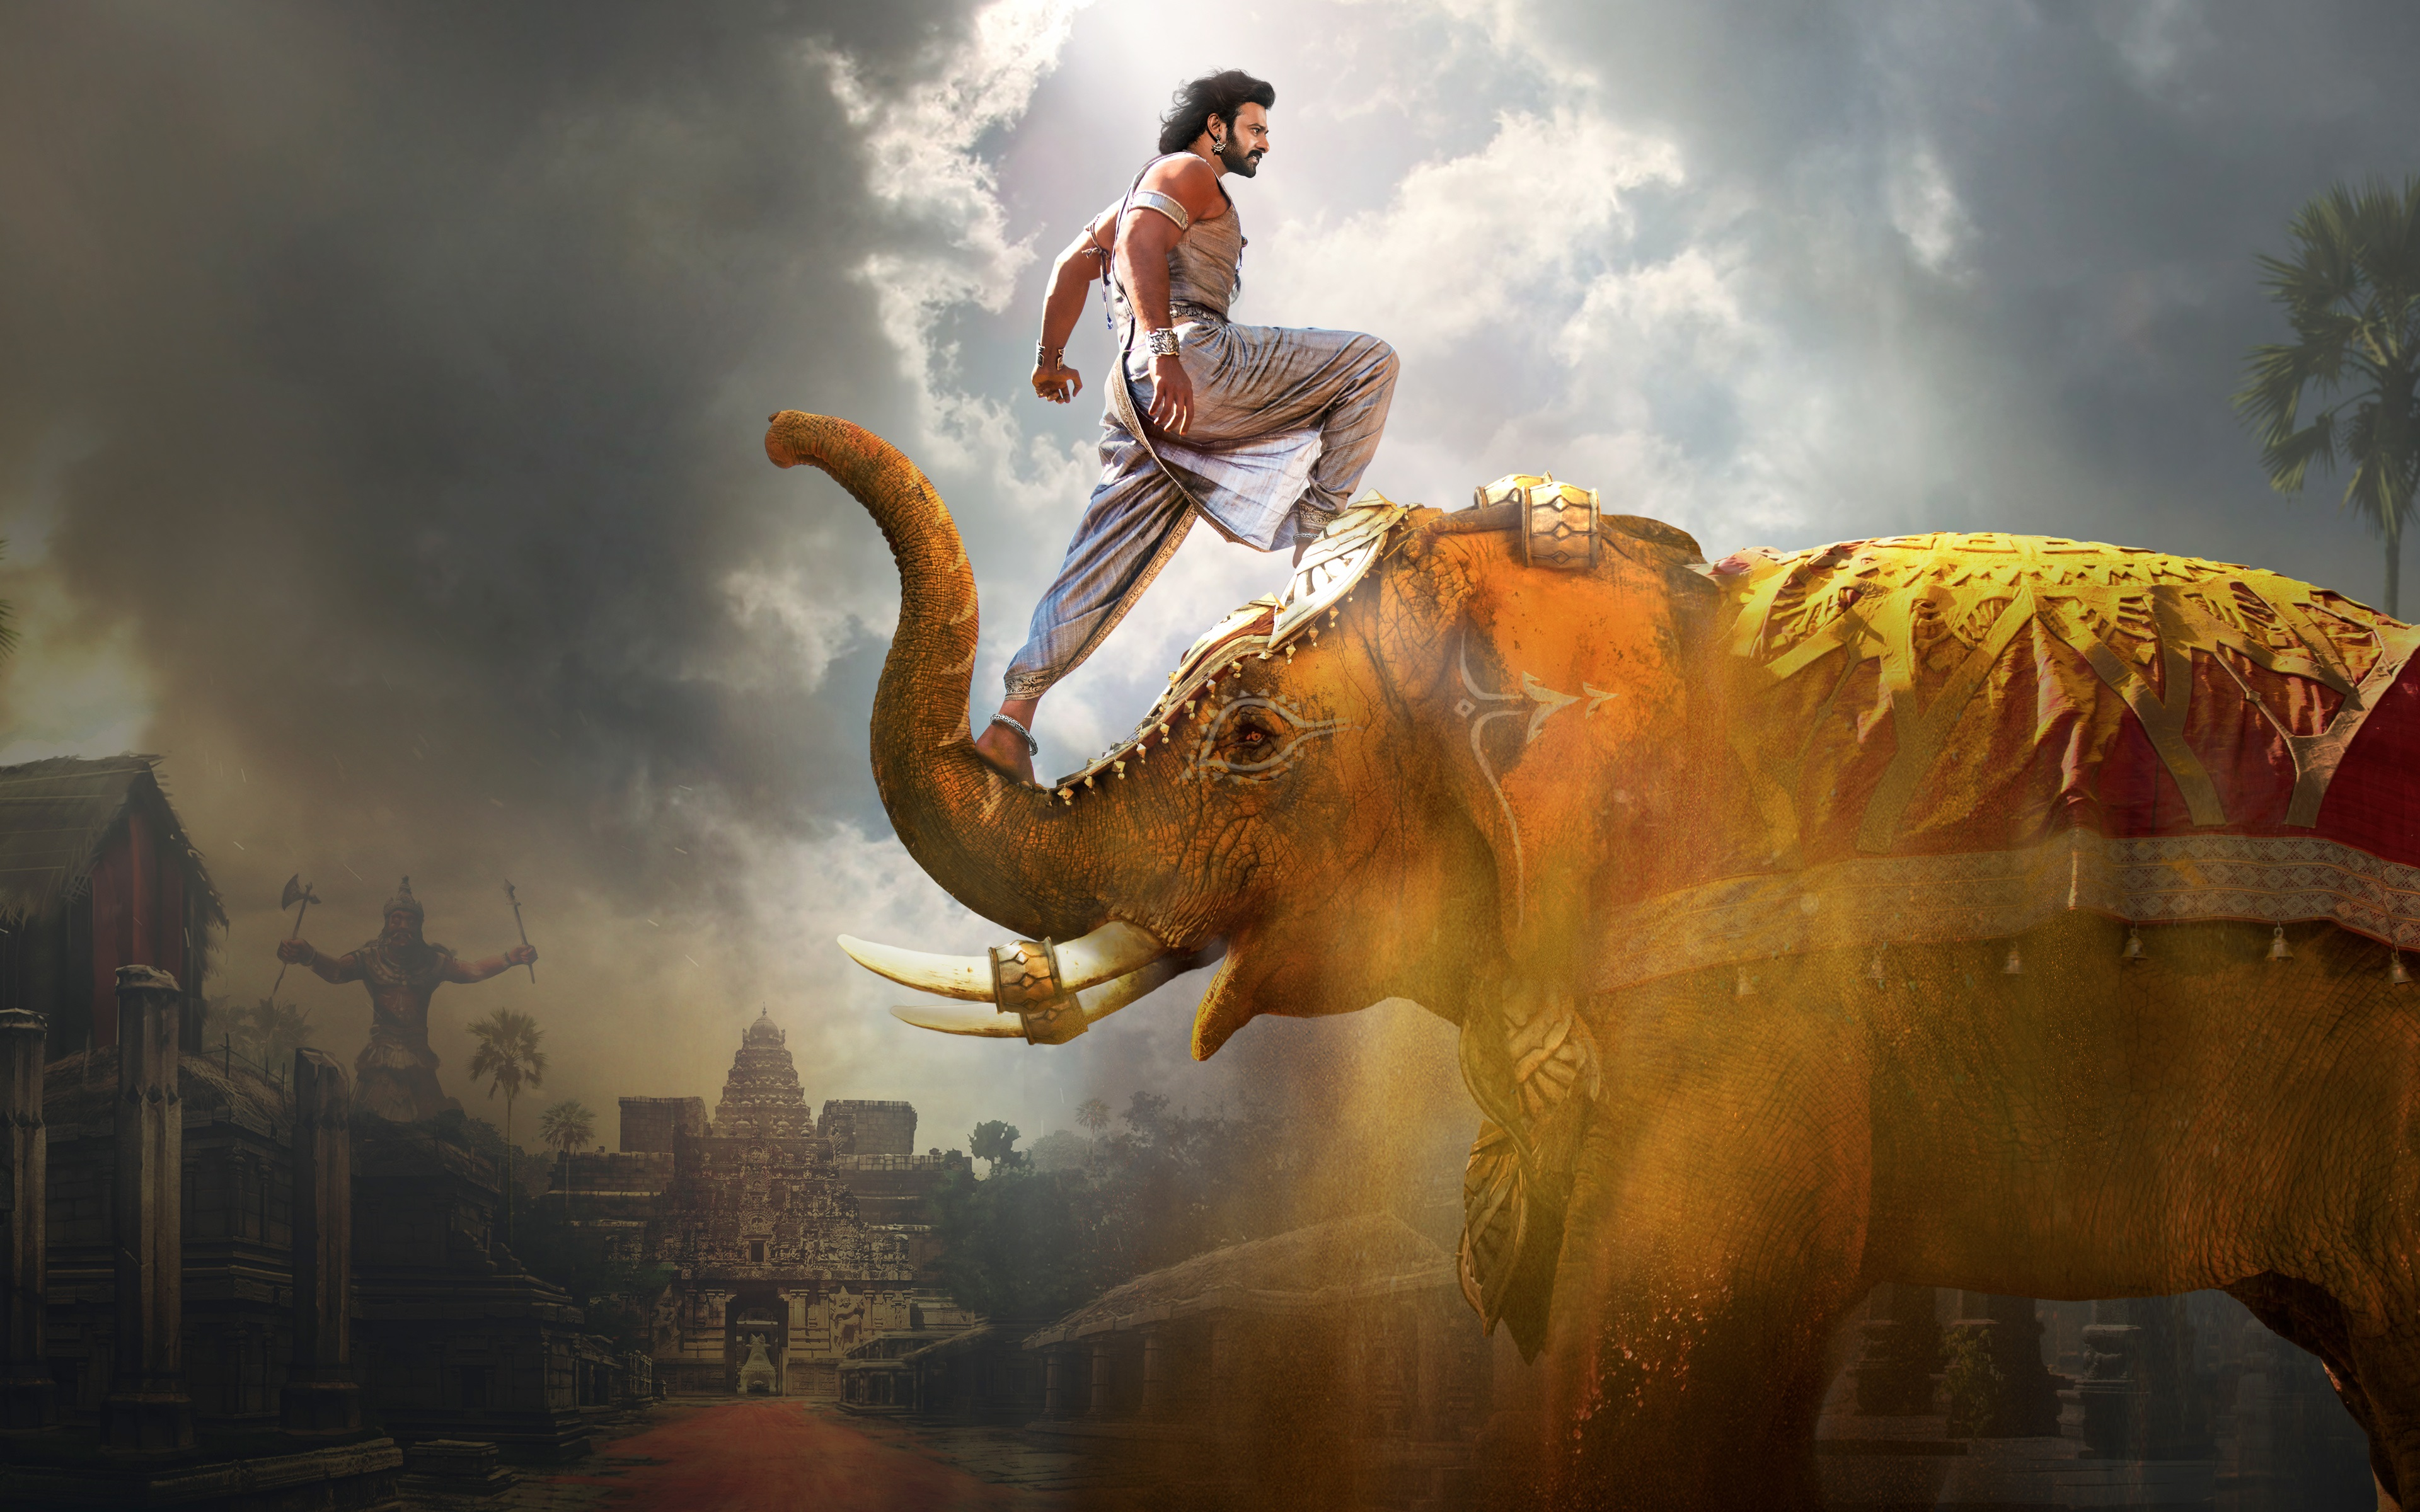 bahubali 2 background 3